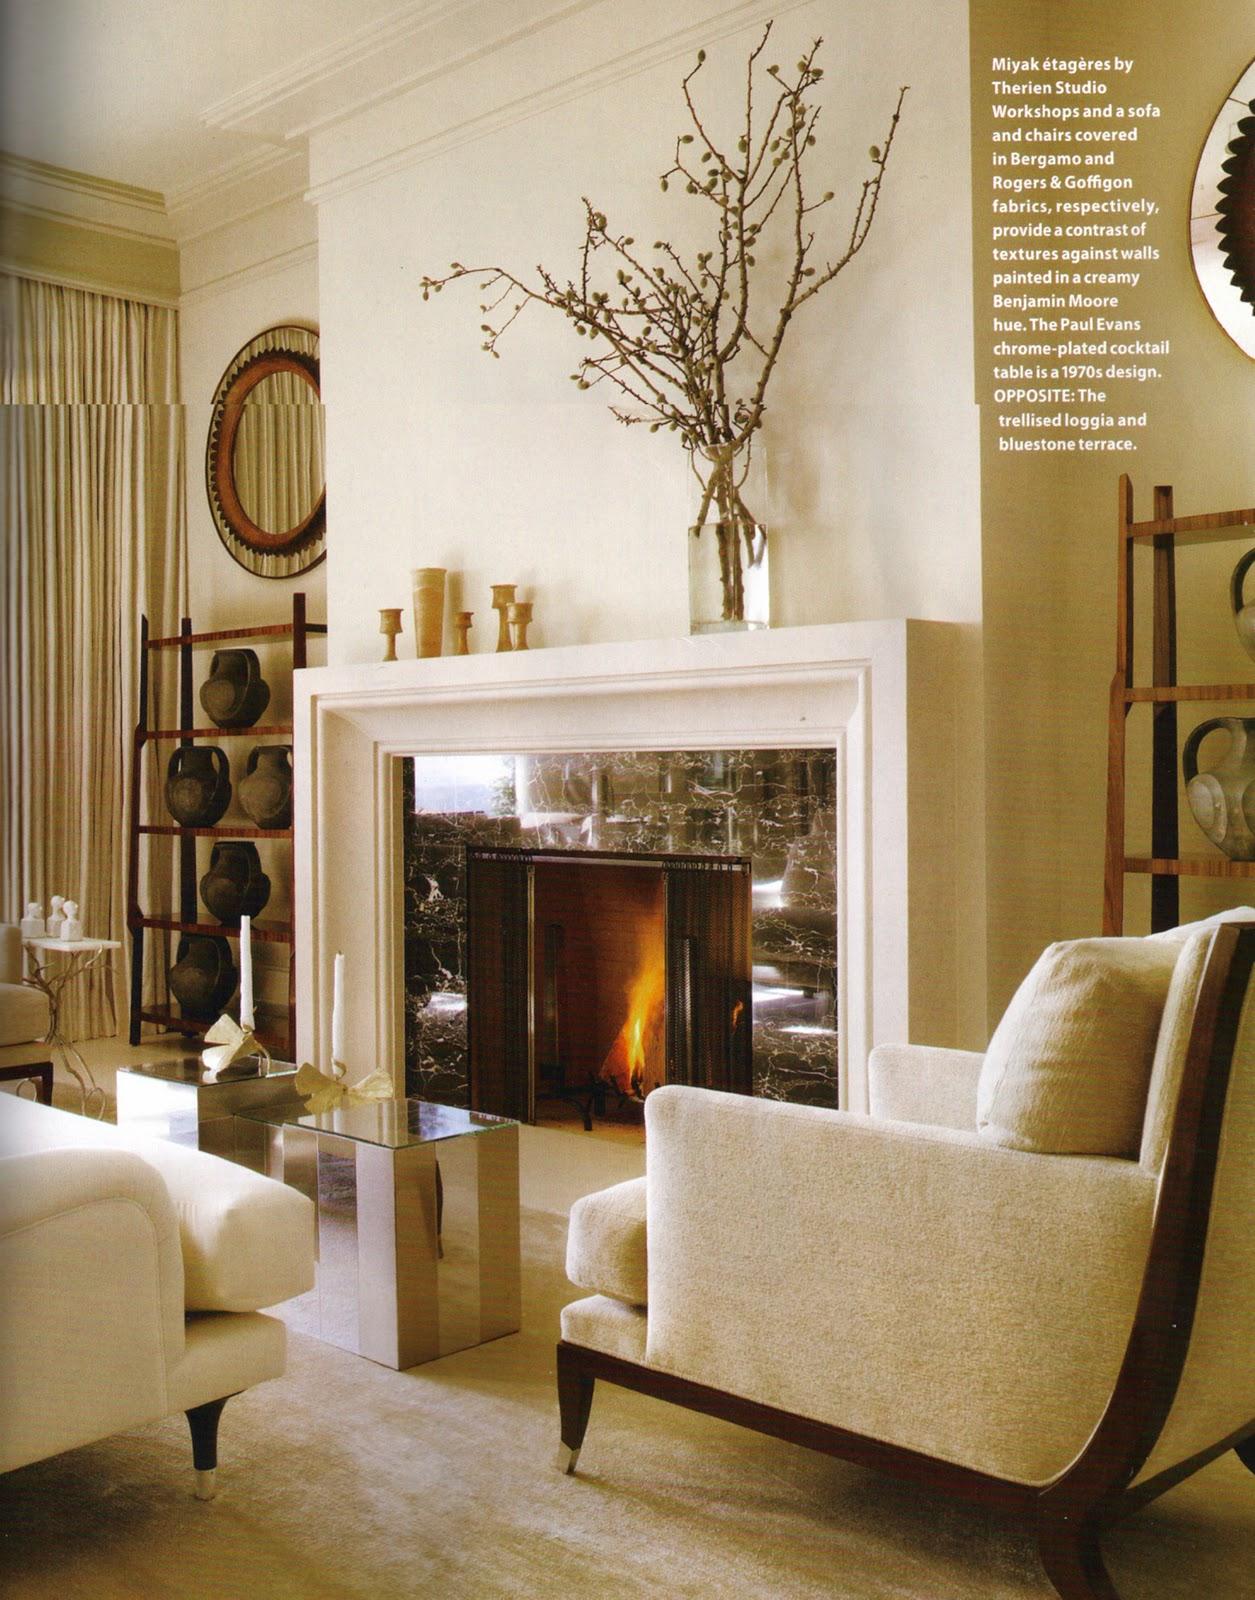 Us Interior Designs Jacques Grange: US Interior Designs: DESIGN IN NAPA VALLEY